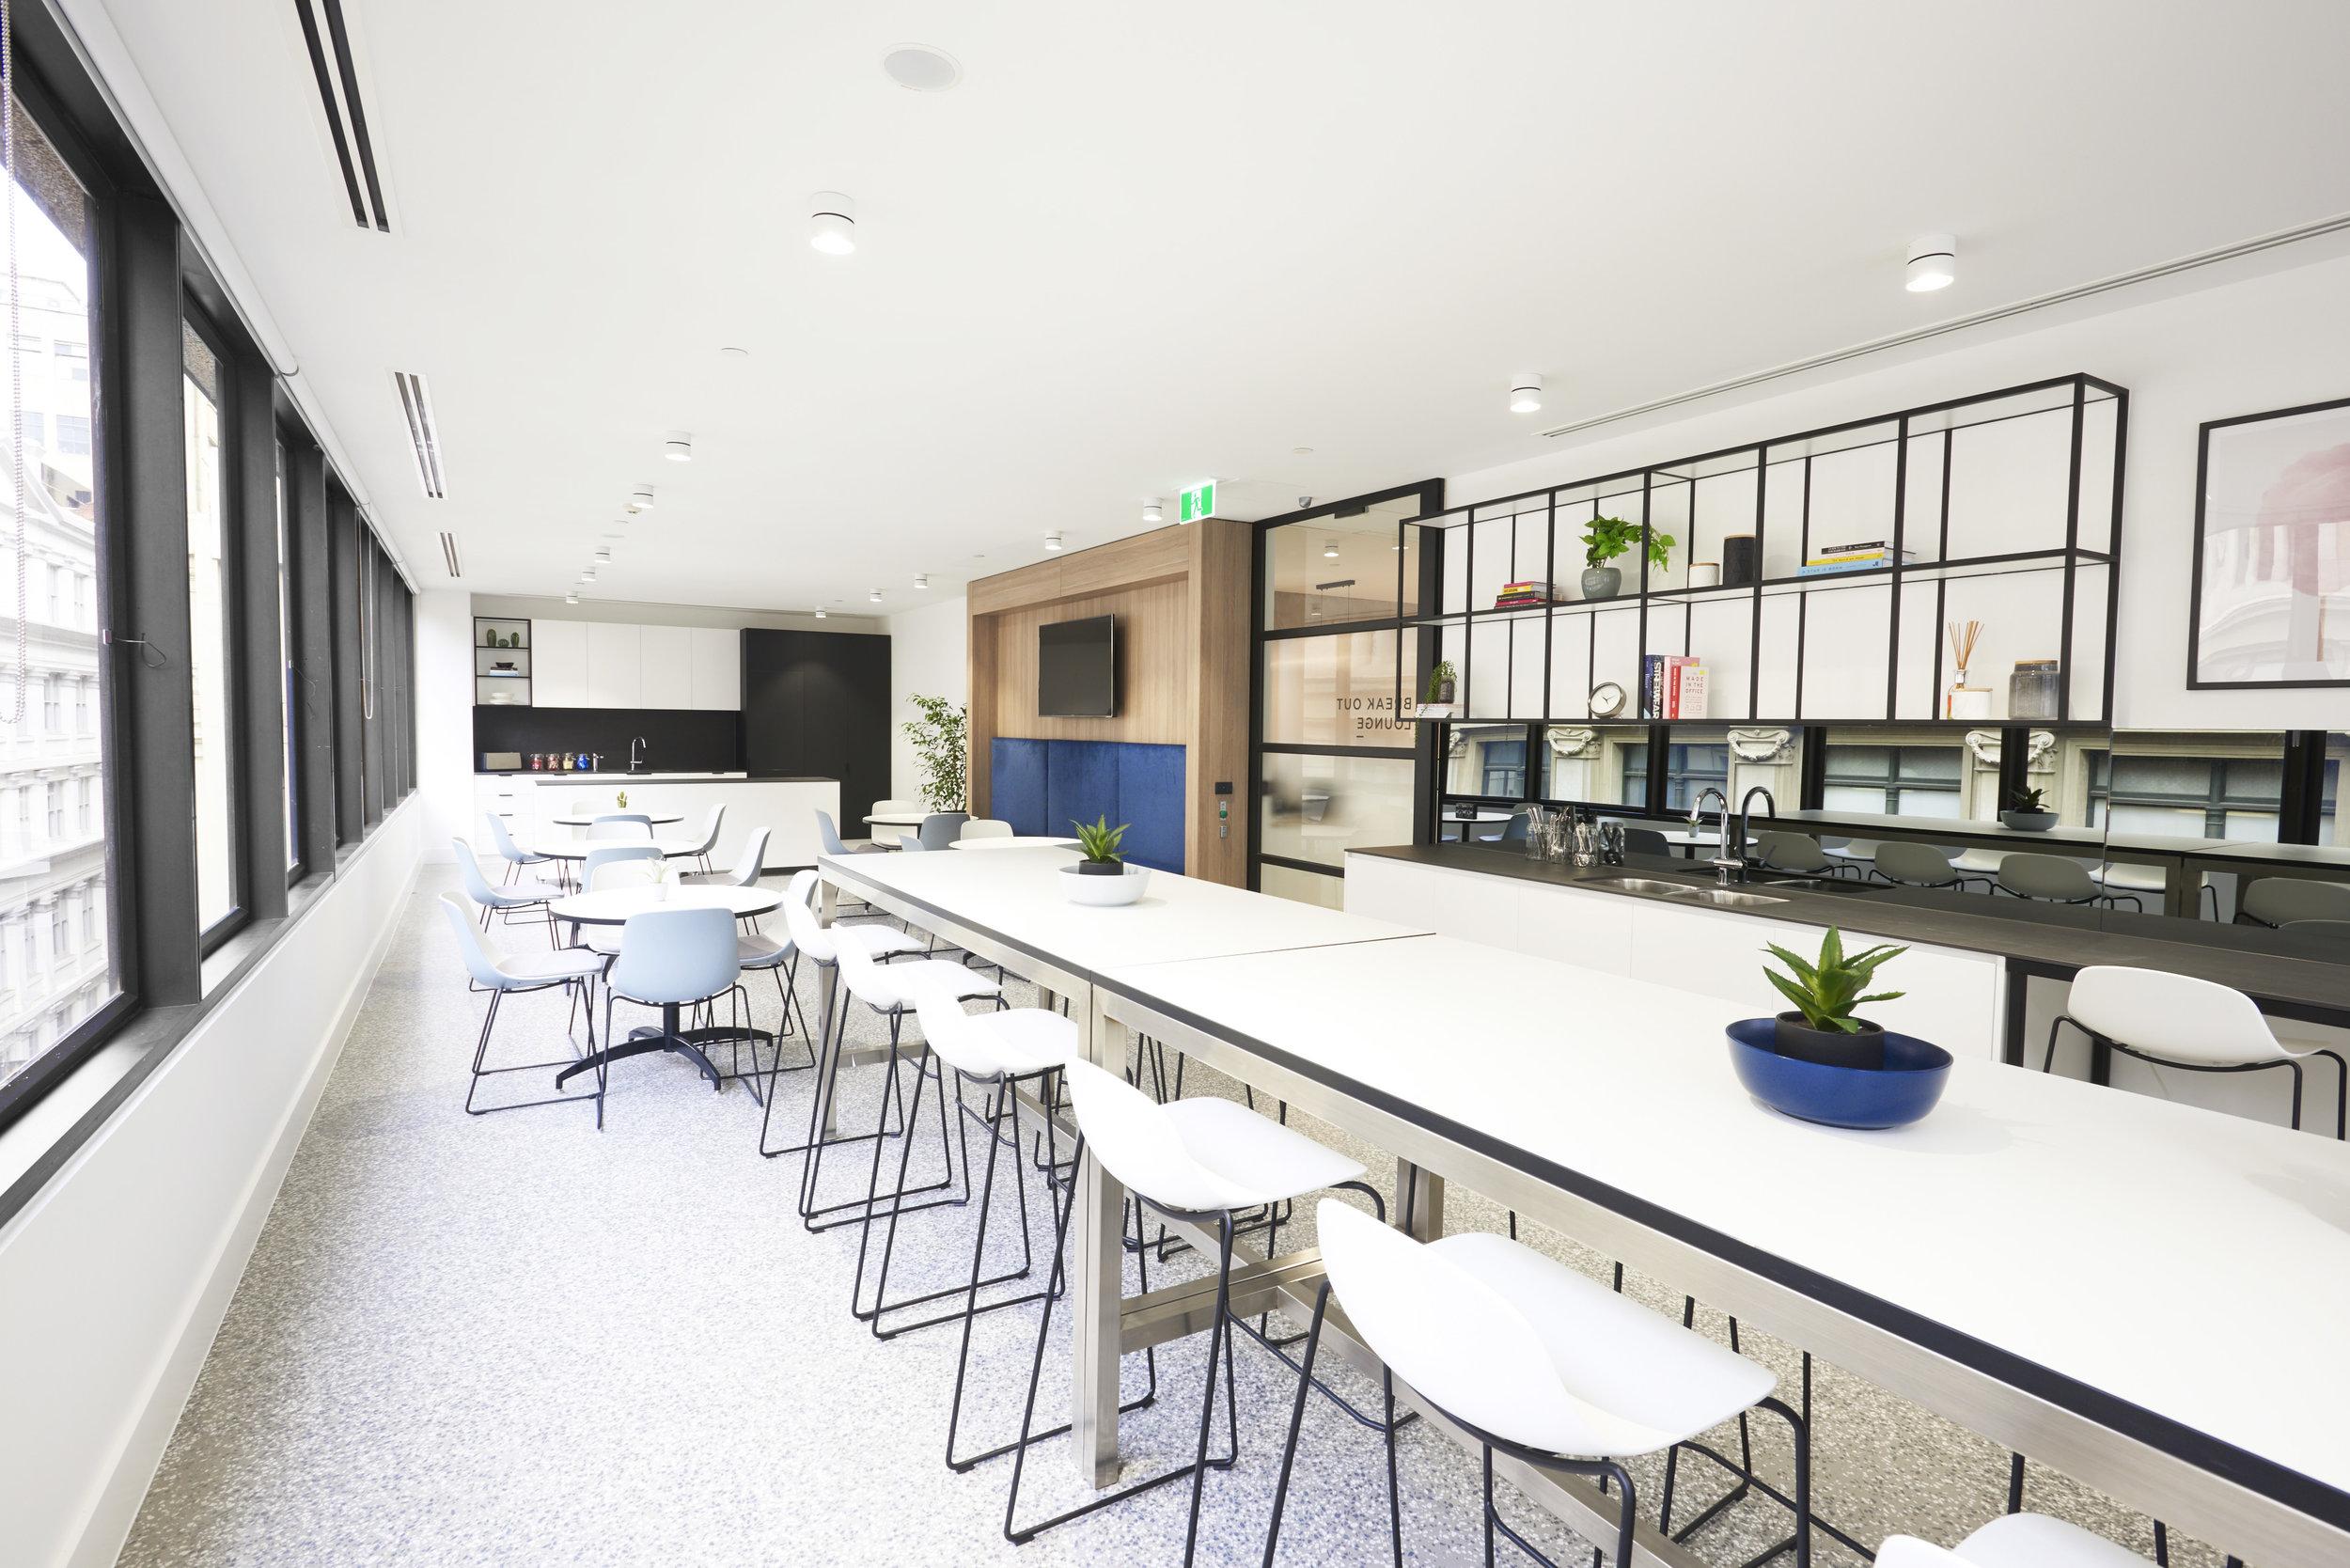 Melbourne CBD - Breakout Area